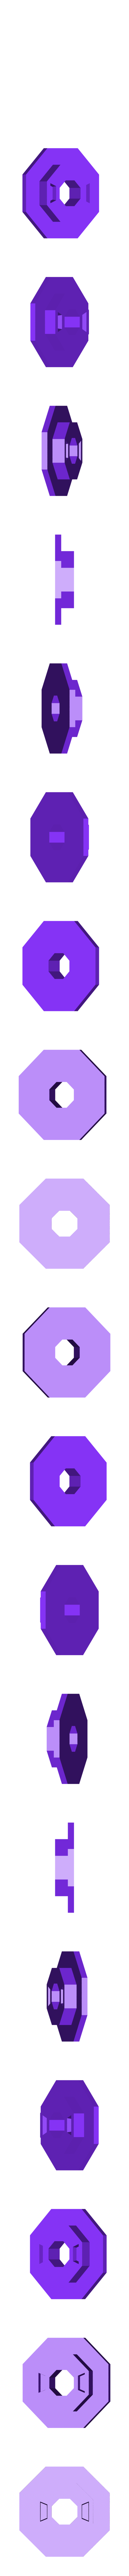 spool_b.stl Télécharger fichier STL gratuit Lecteur d'imprimantes 3D Low Poly 3D • Objet pour impression 3D, auralgasm